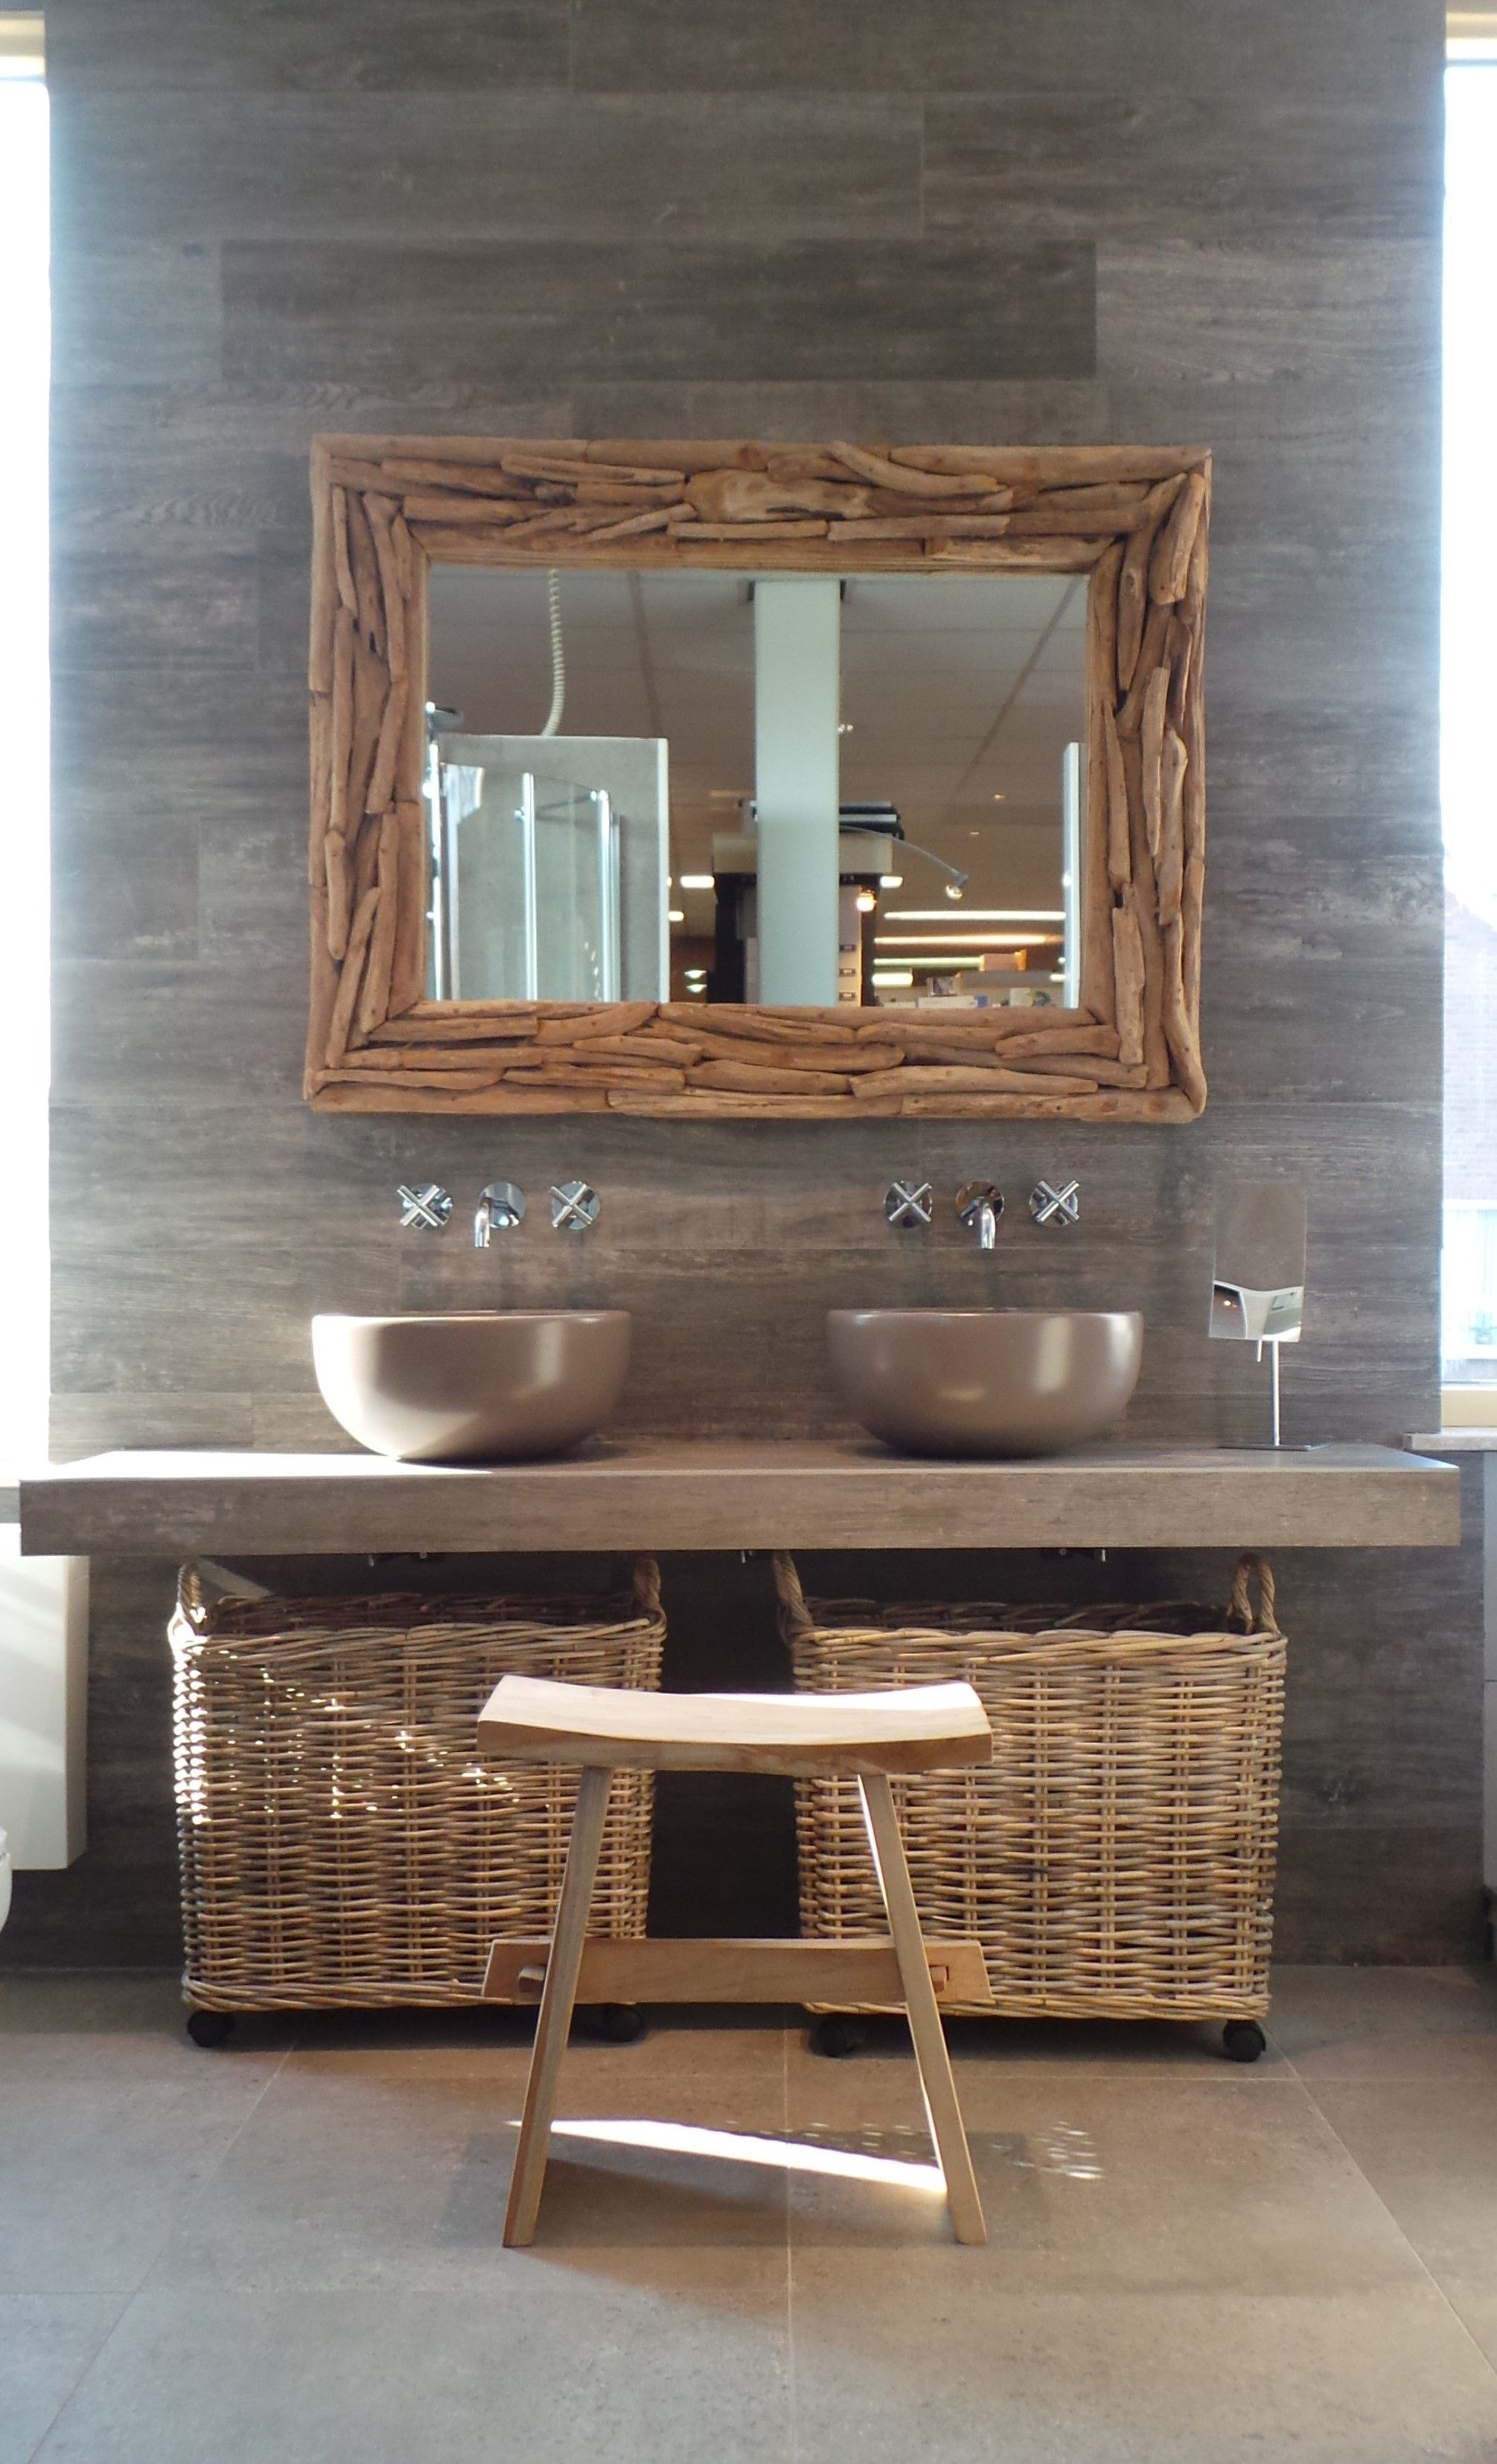 Een robuuste, eigentijdse badkamer in de showroom van Welbie ...